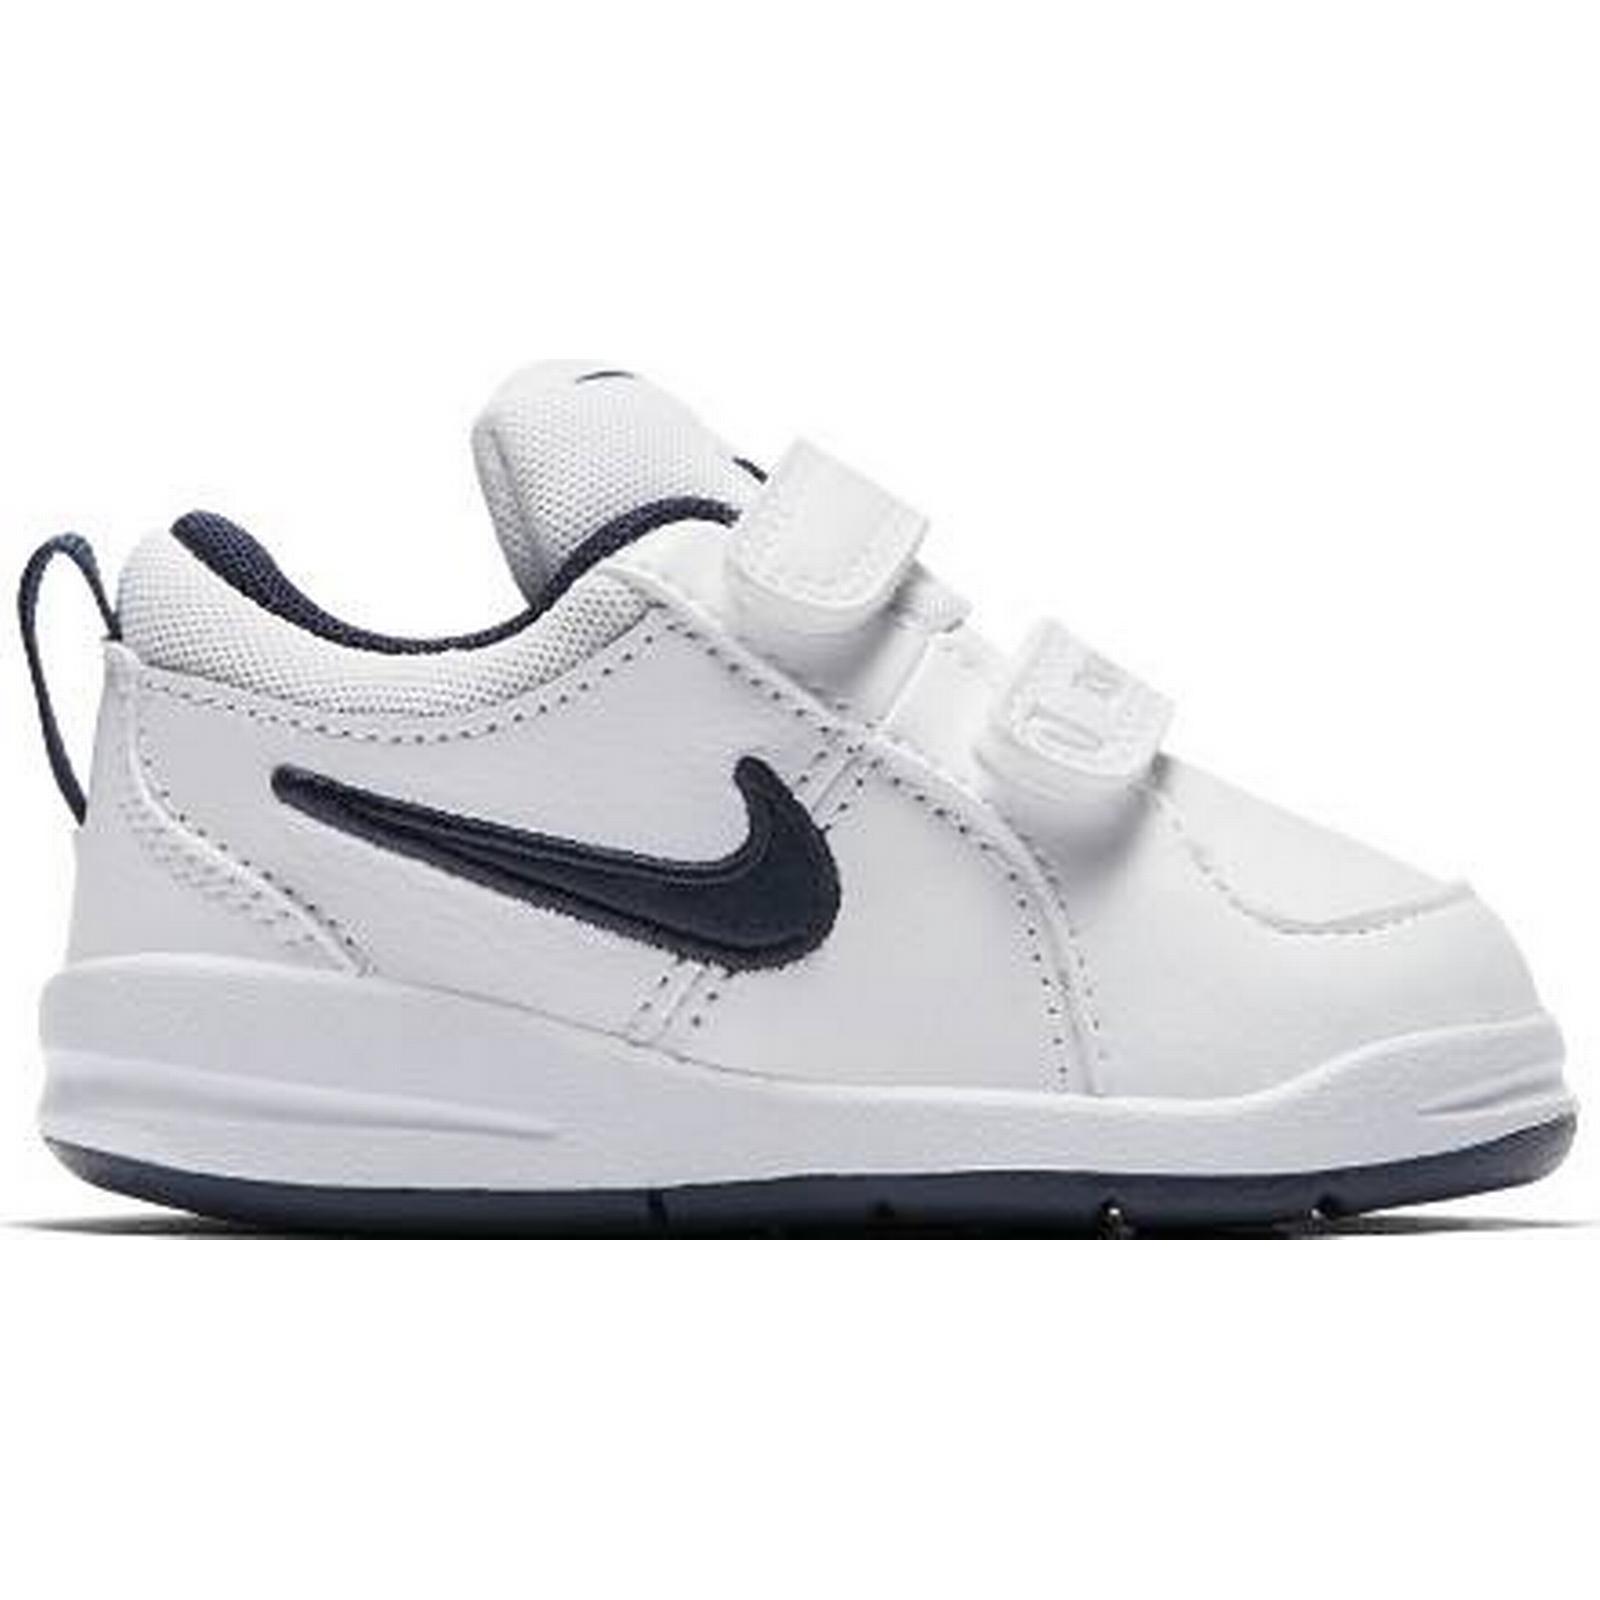 NIKE Dla Buty Dla NIKE Niemowląt Nike Pico 4 a1fafa